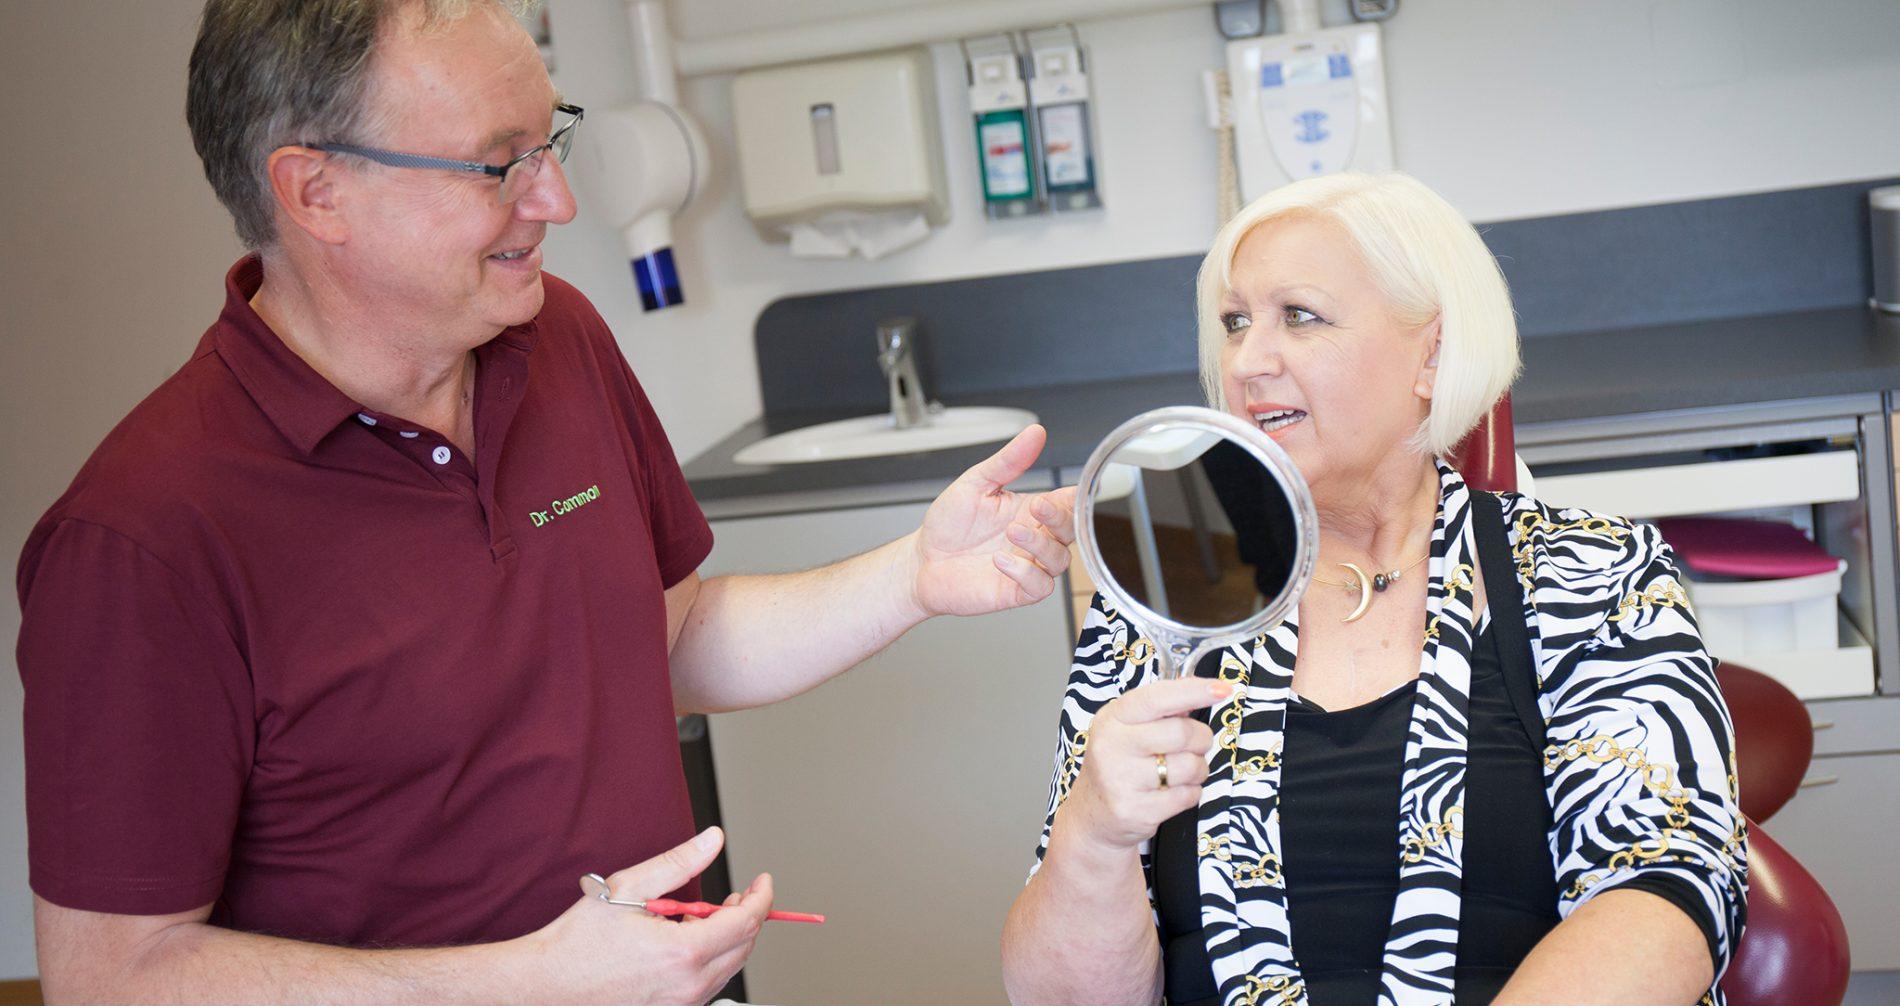 Zahnimplantate Kontrolltermin in Ötisheim bei Mühlacker